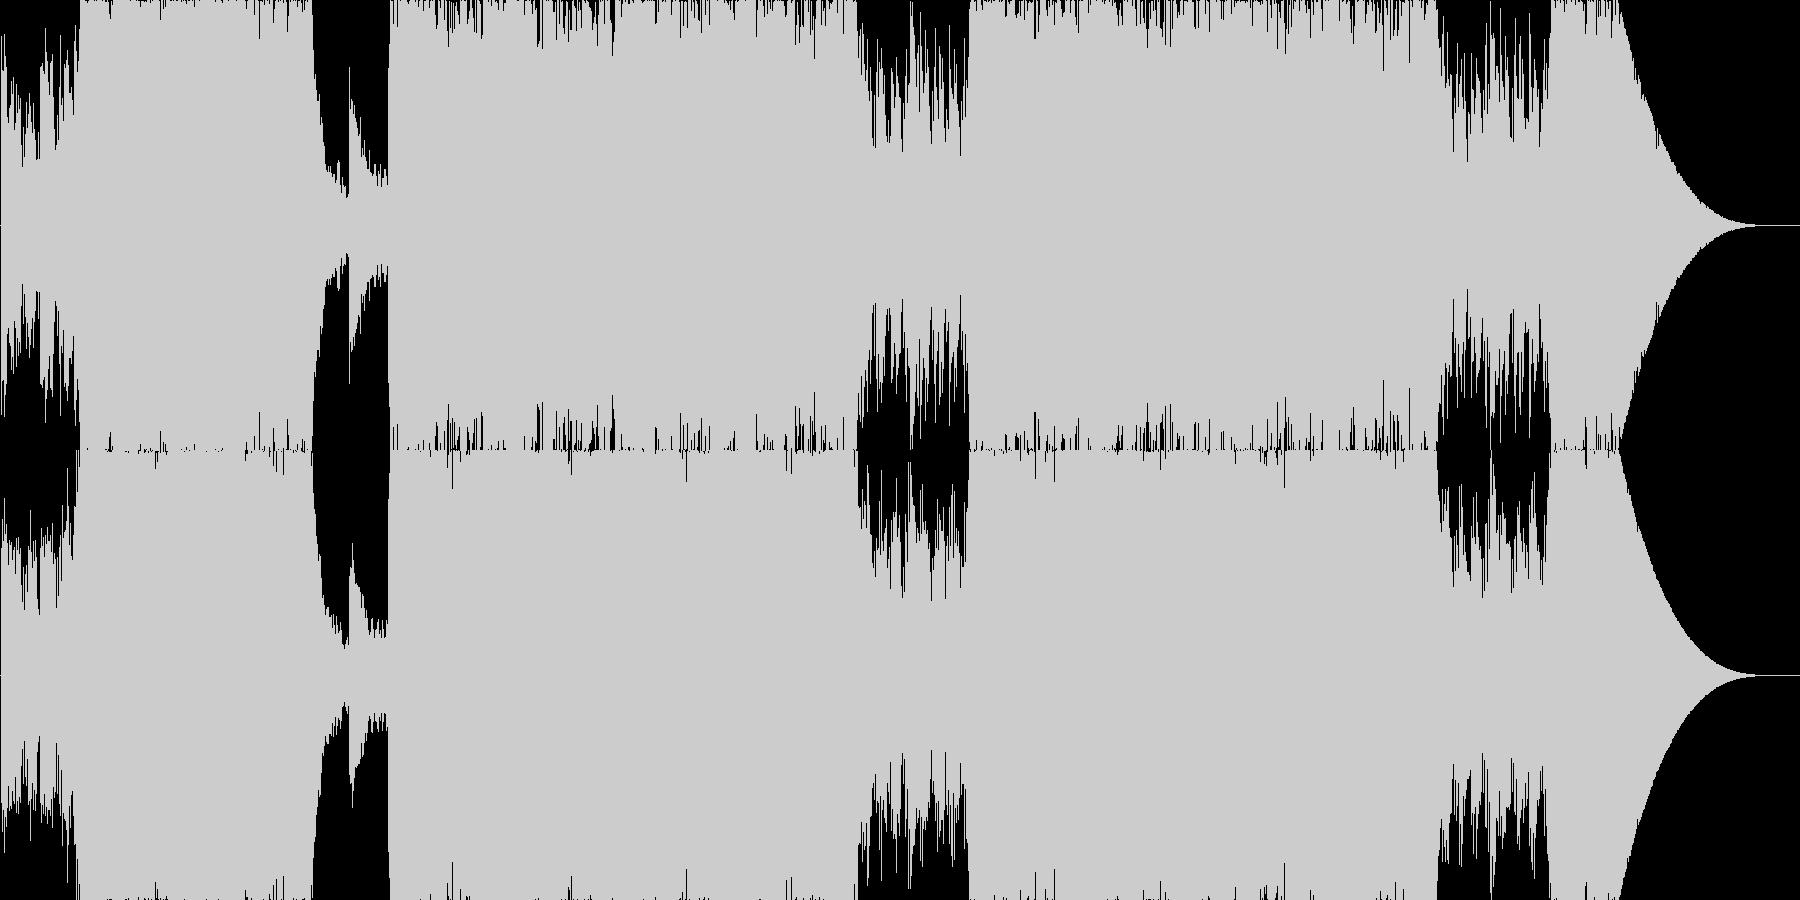 オーケストラ/幻想的/ダンジョン/神殿の未再生の波形